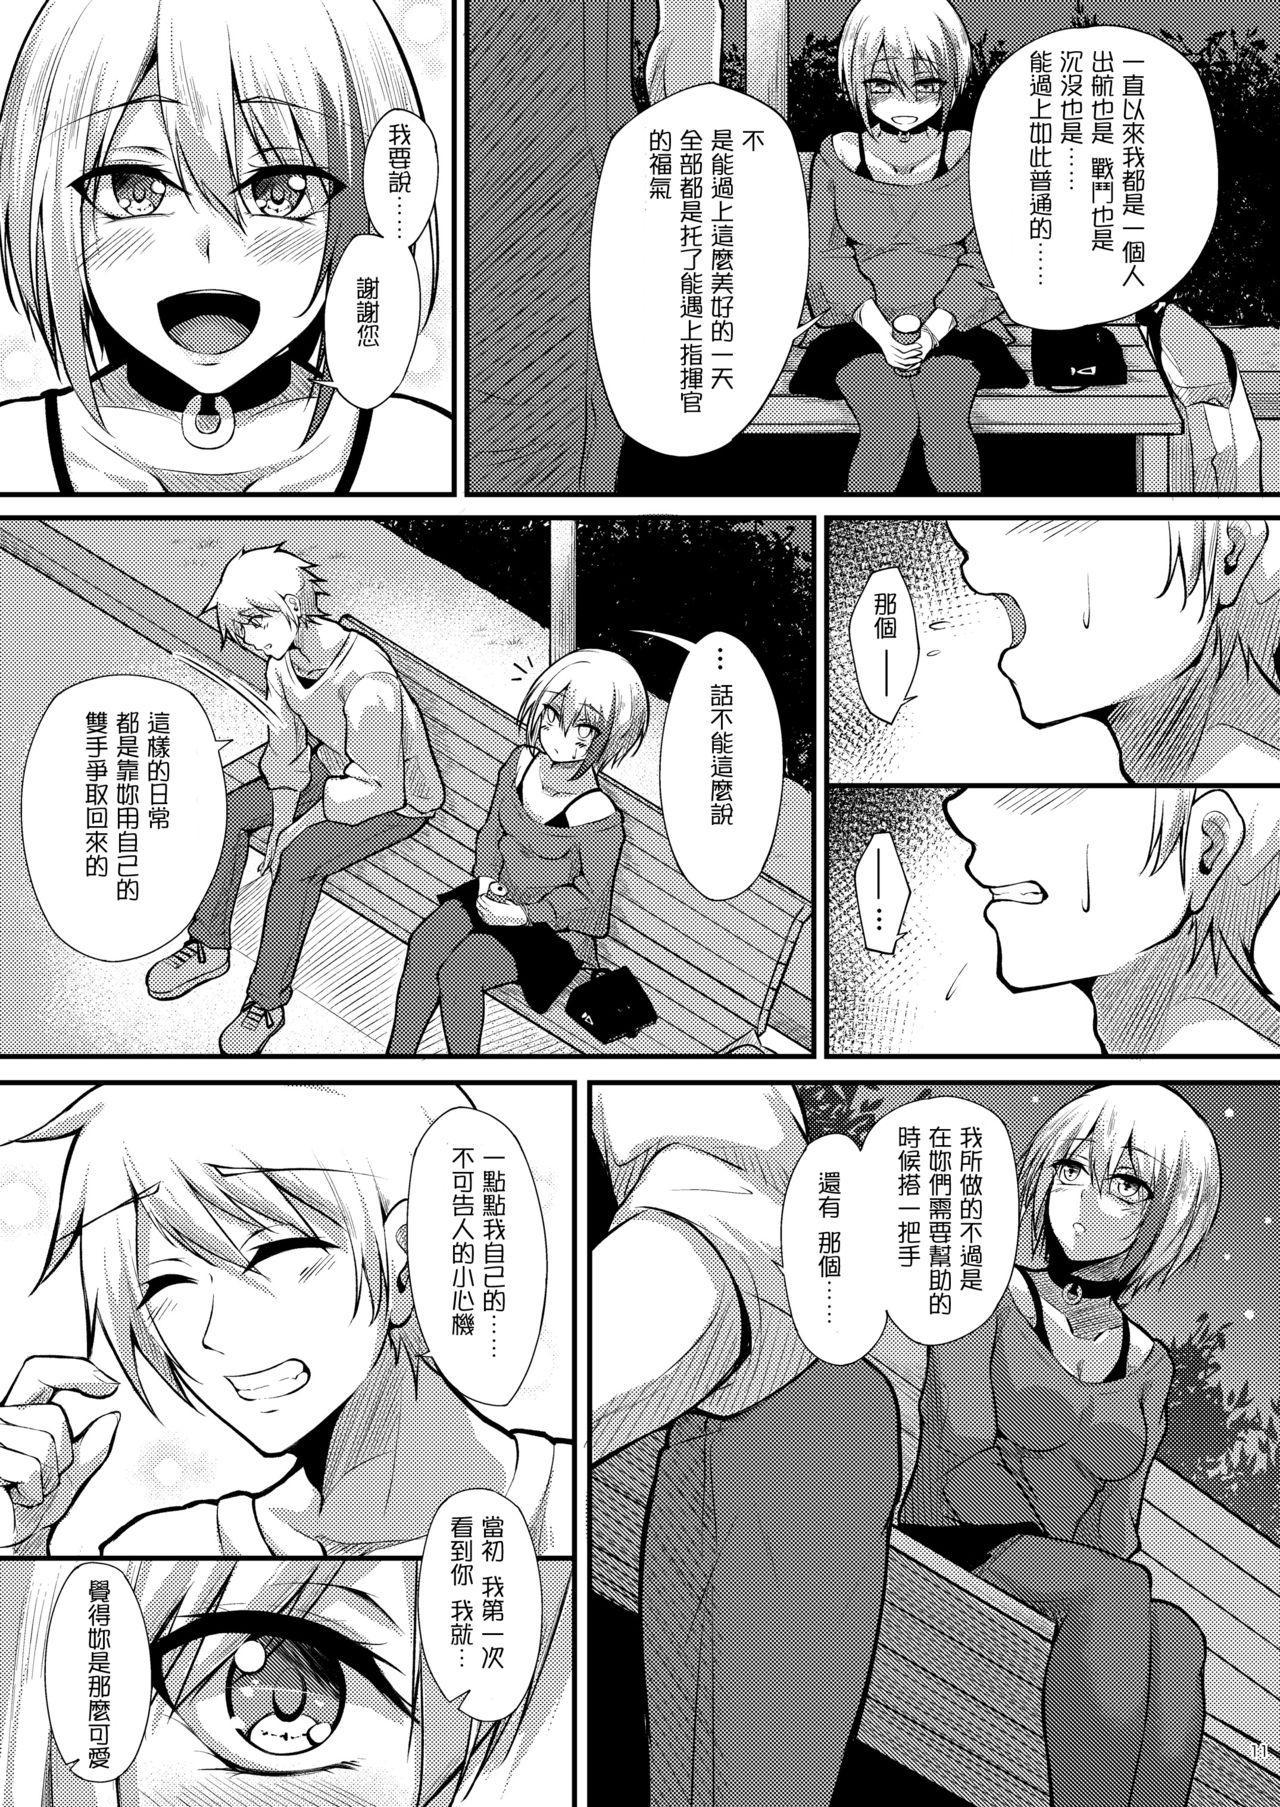 Afureru Kurai, Kimi ga Suki. 11